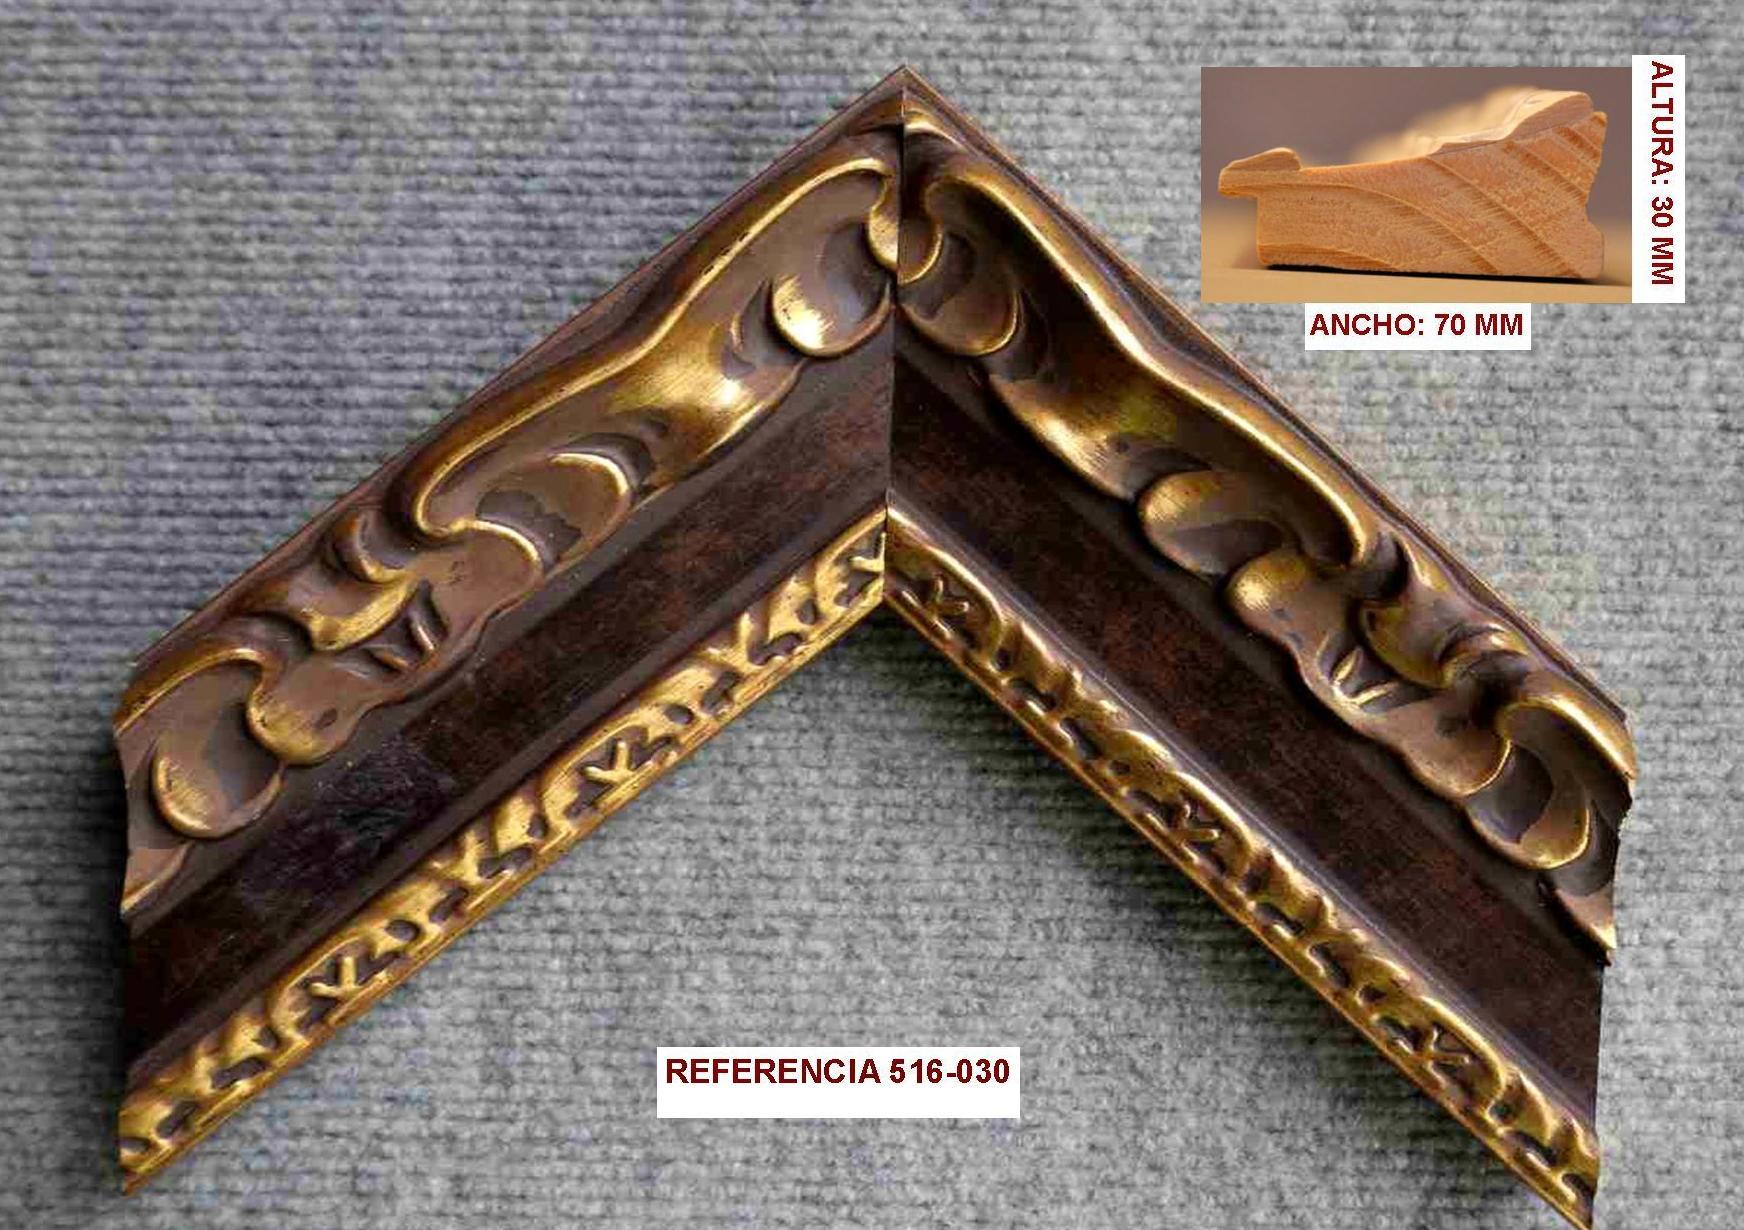 REF 516-030: Muestrario de Moldusevilla